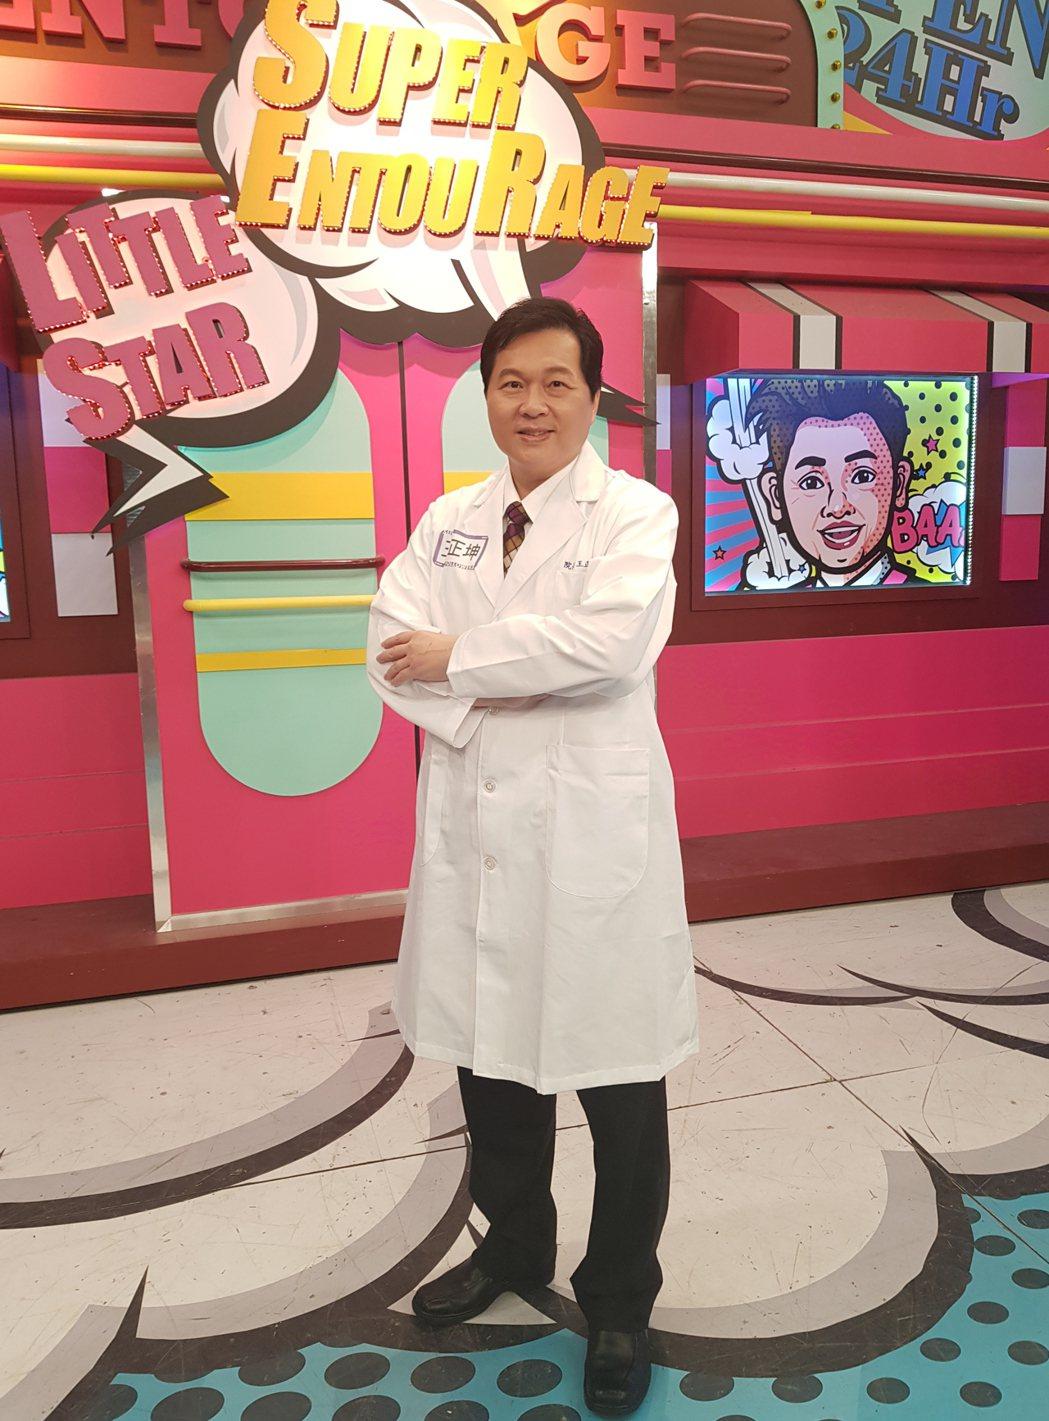 藝群醫學美容集團總裁王正坤醫師日前出席綜藝節目小明星大跟班,大方公佈完美臉型神祕...